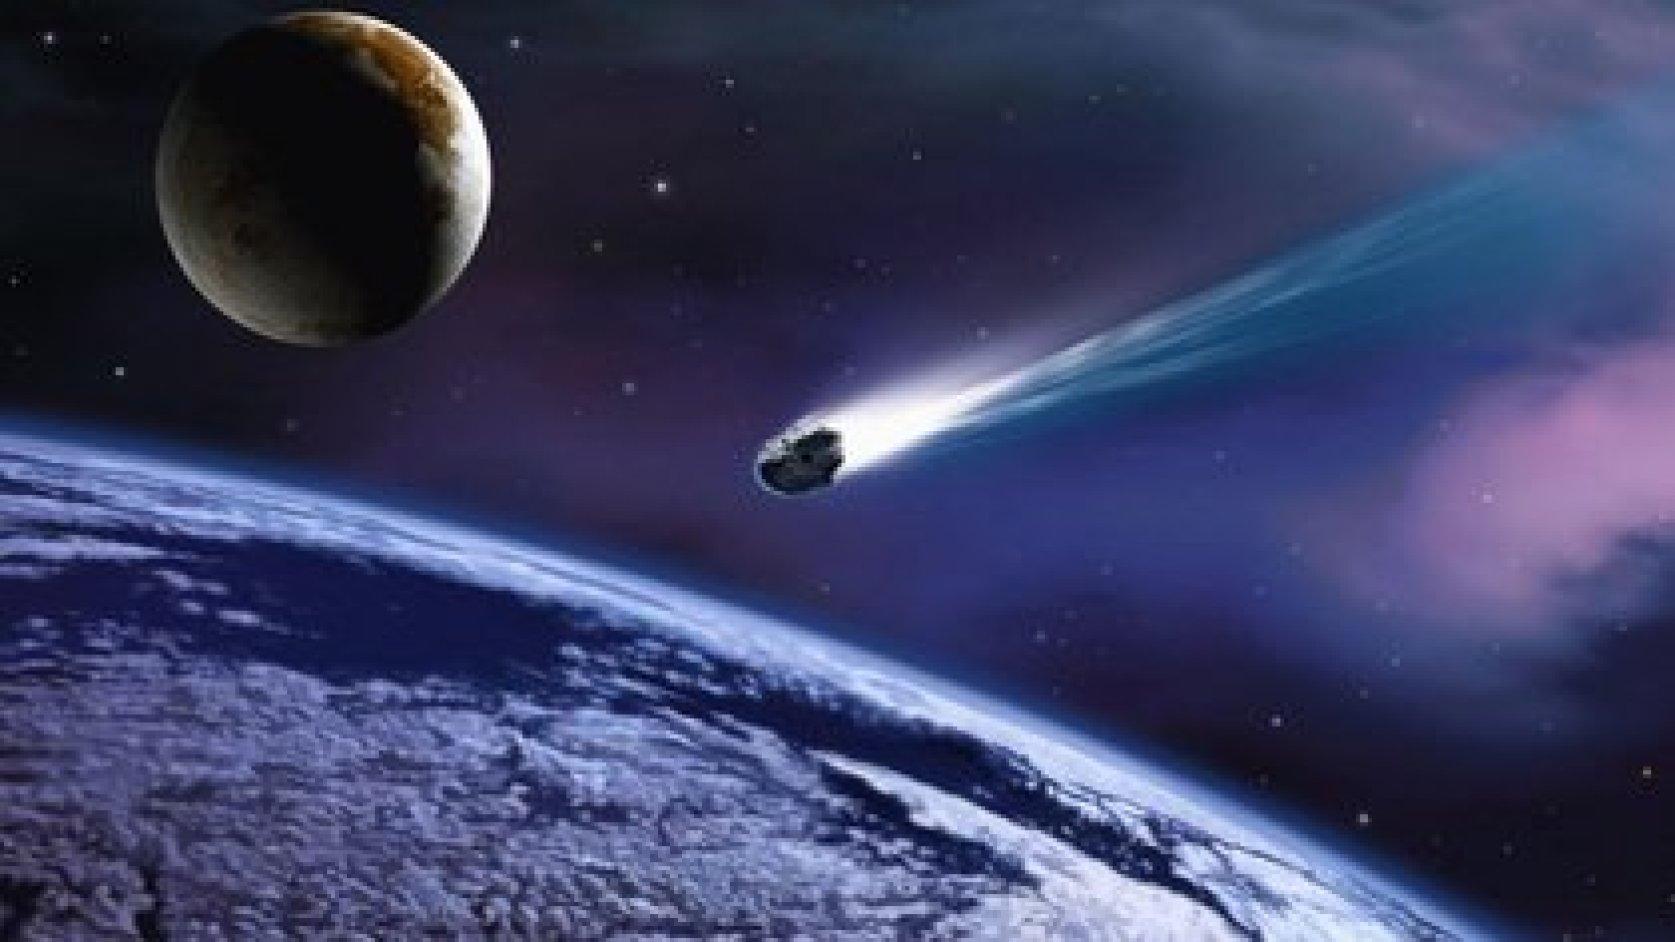 Asteroide pasando por La Tierra. Imagen de referencia